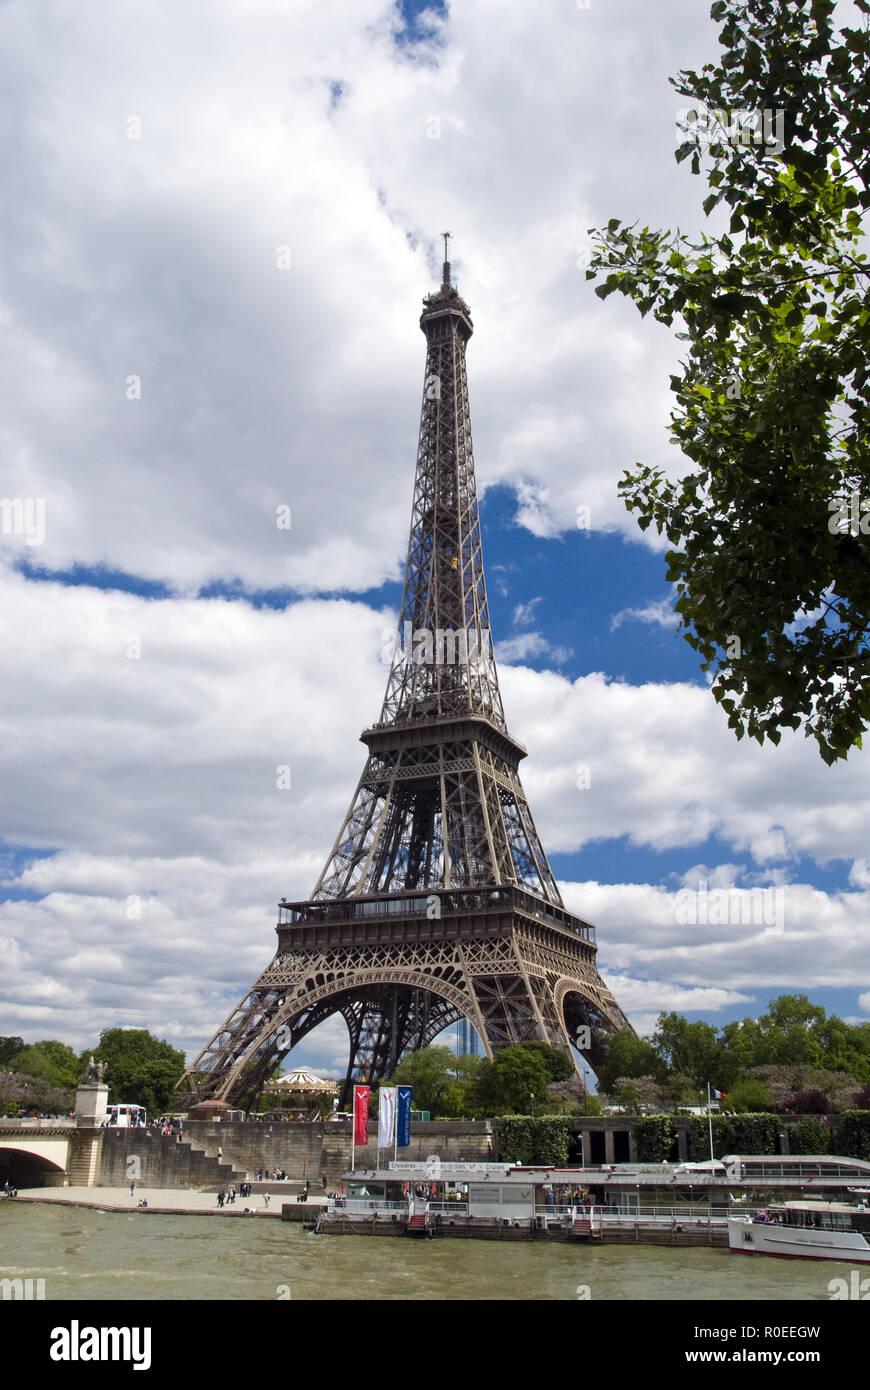 Der Eiffelturm Tour Eiffel Steht In Der Nähe Eine